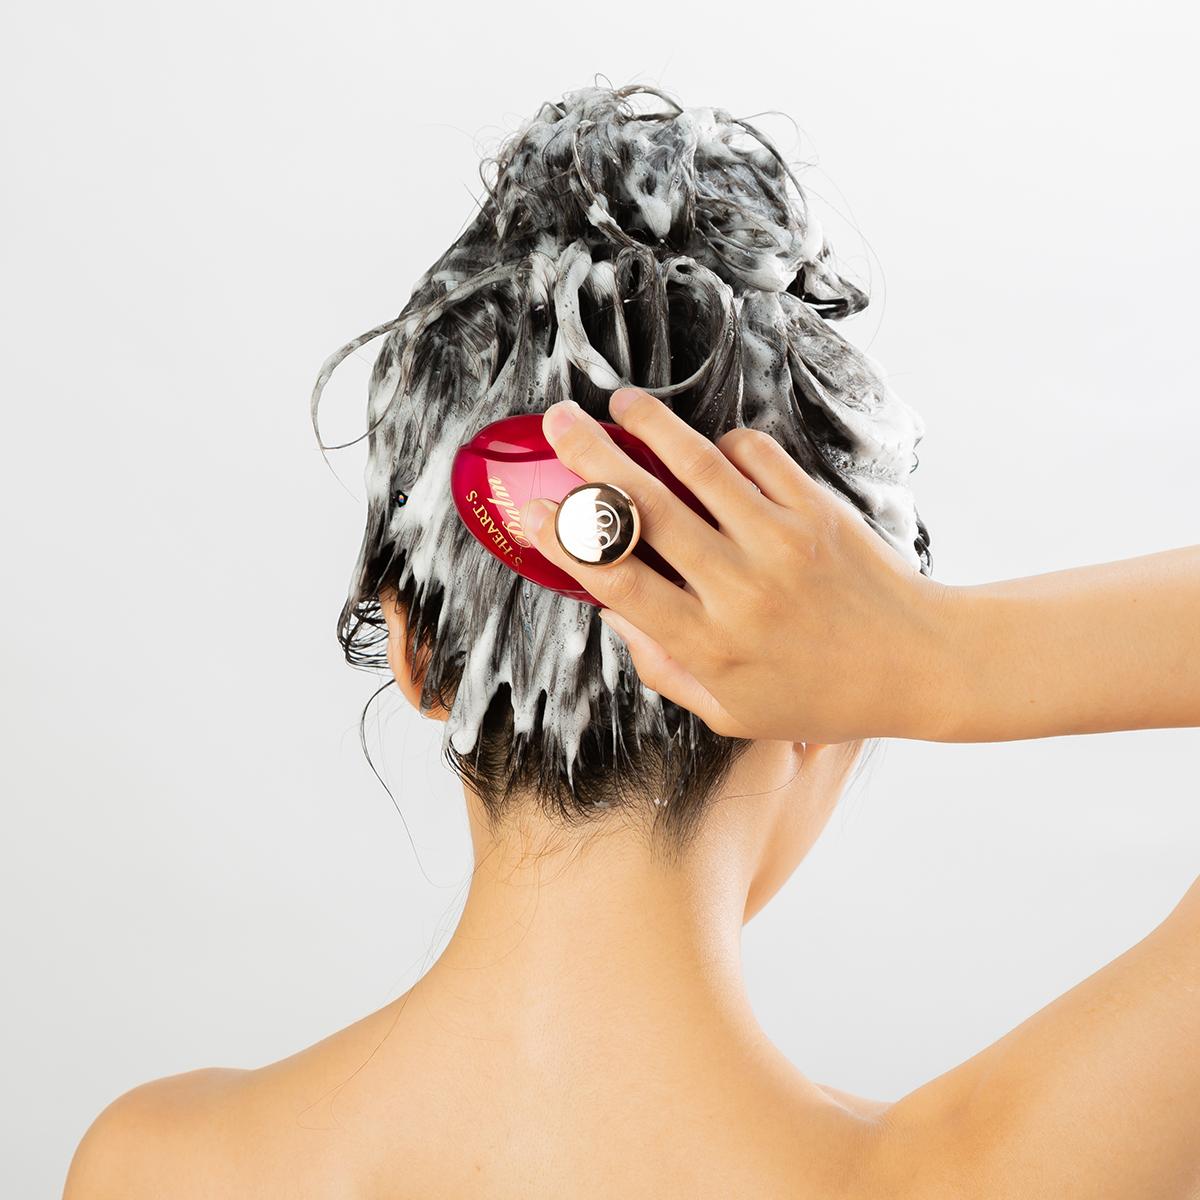 イキイキした髪づくりには、土台の「頭皮ケア」が第一。スカルプブラシ(育毛ブラシ)|SCALP BRUSH(スカルプブラシ)